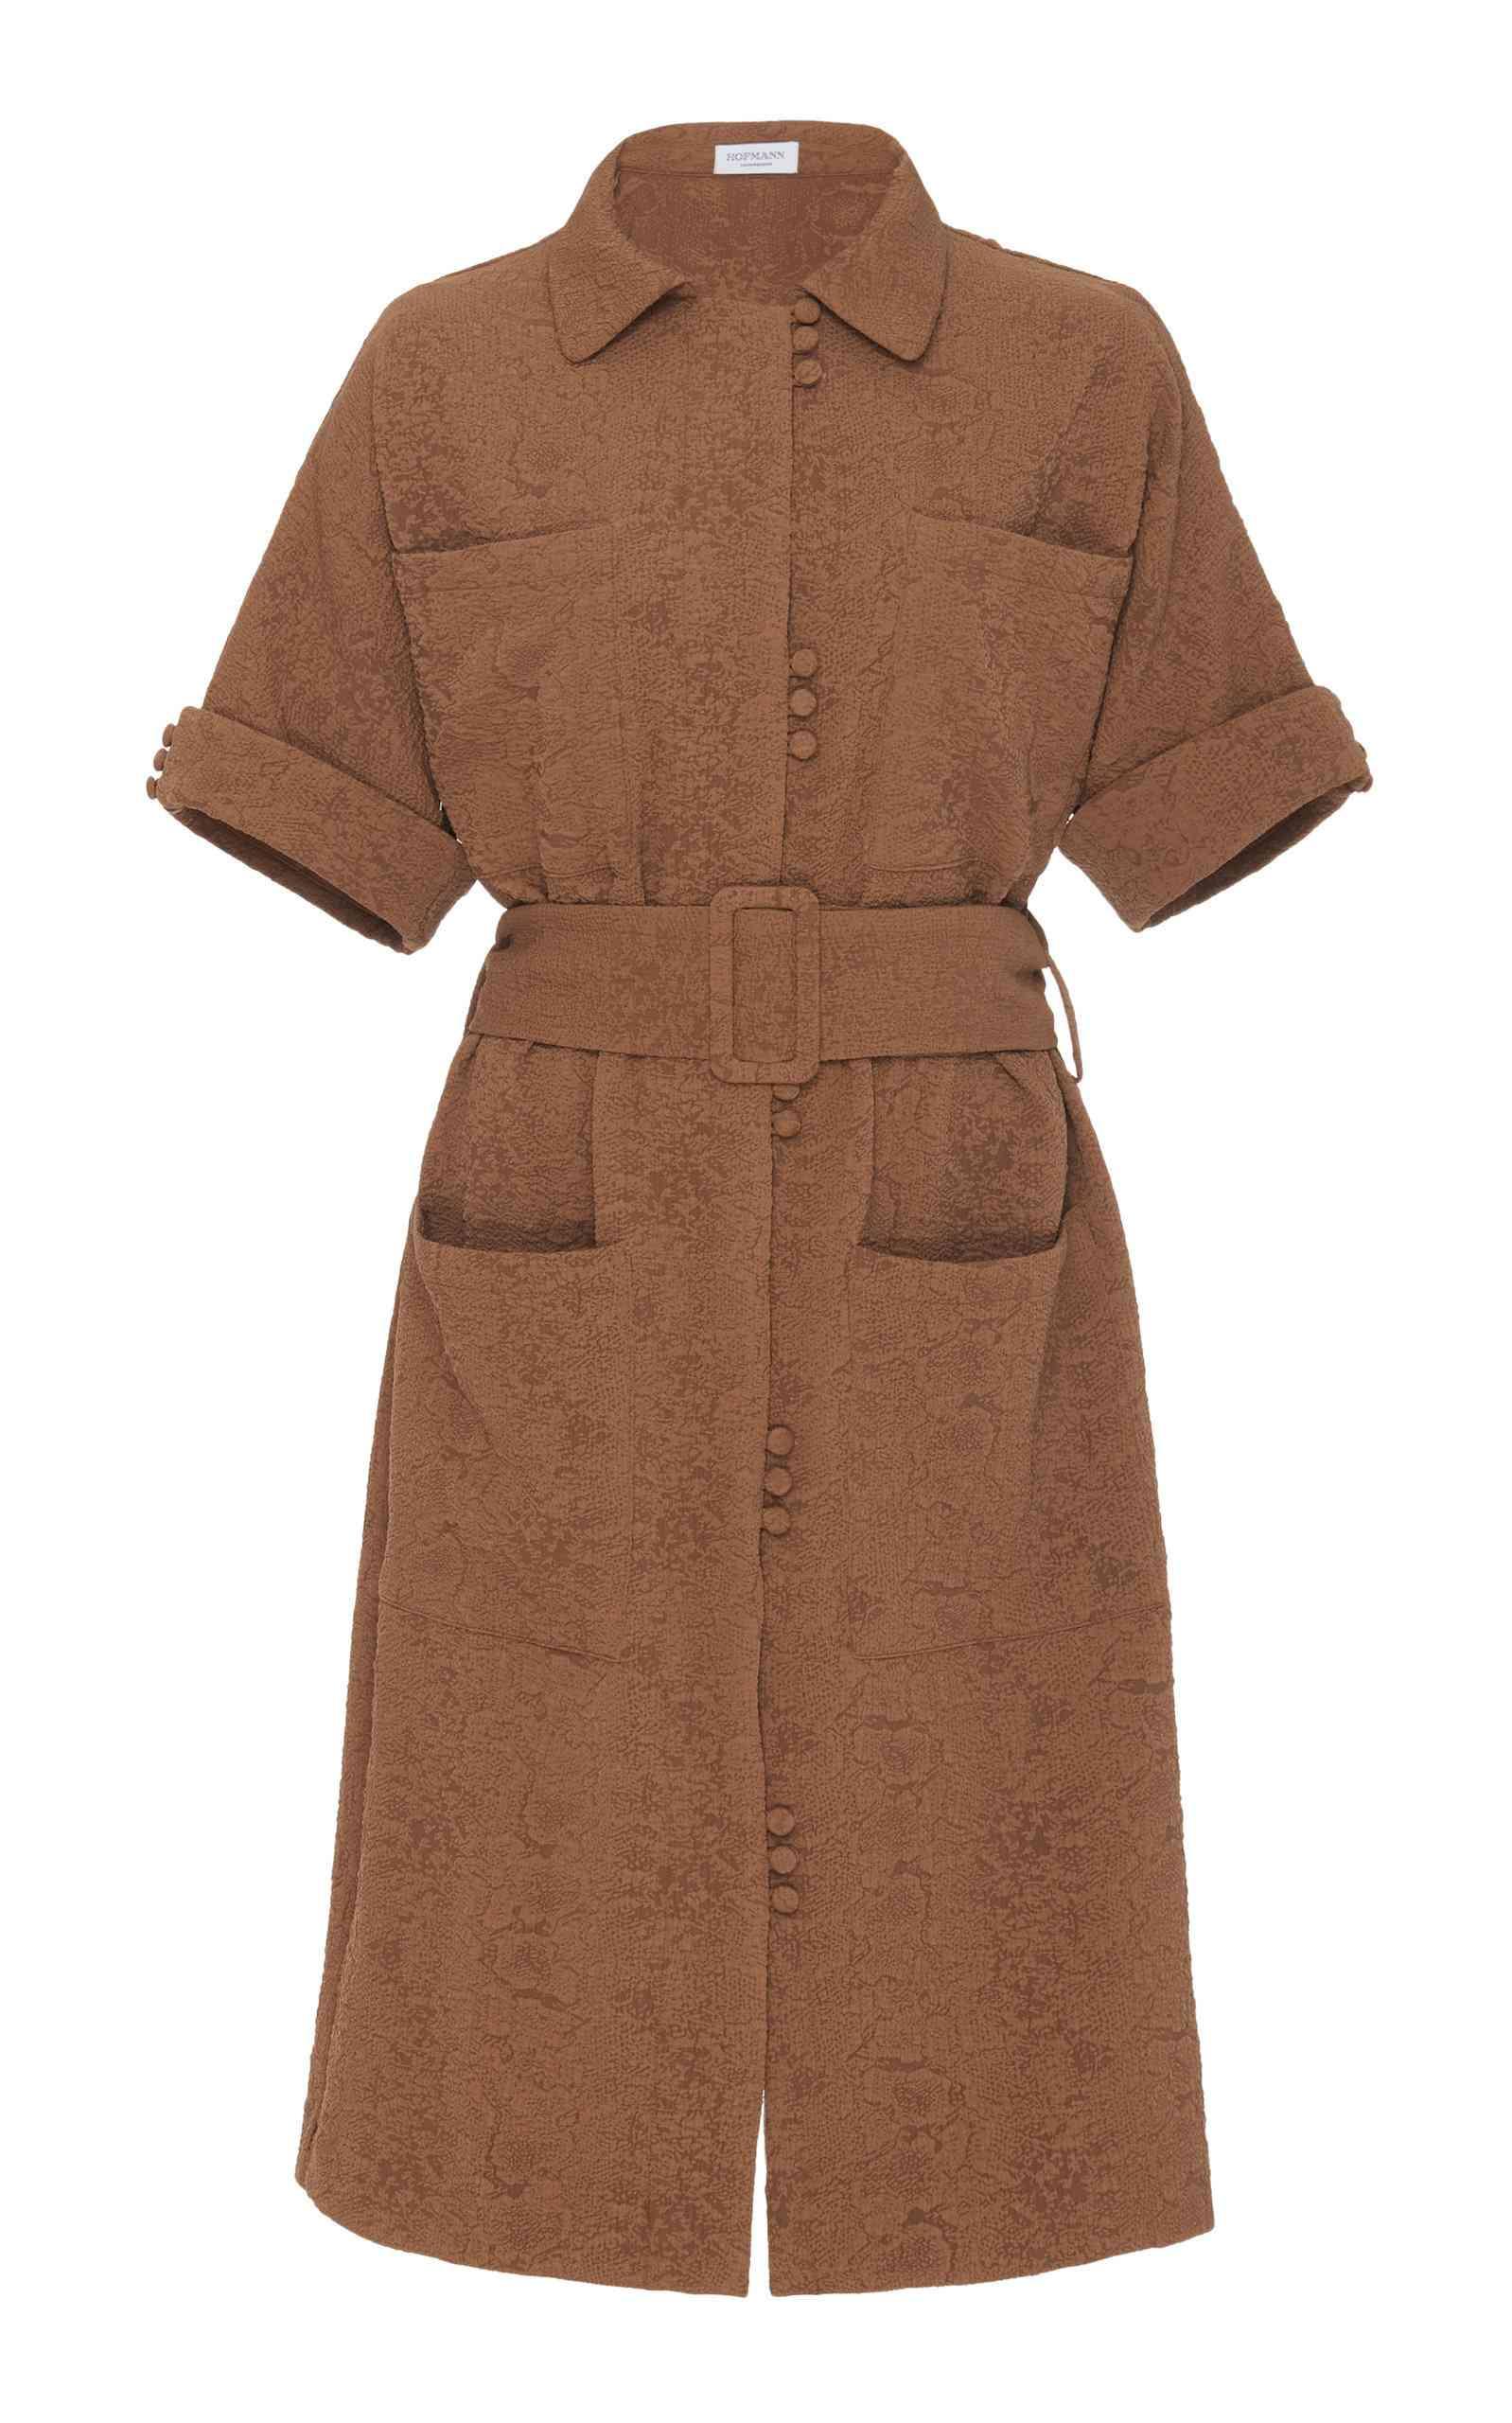 HOFMANN COPENHAGEN Anni Button Up Dress